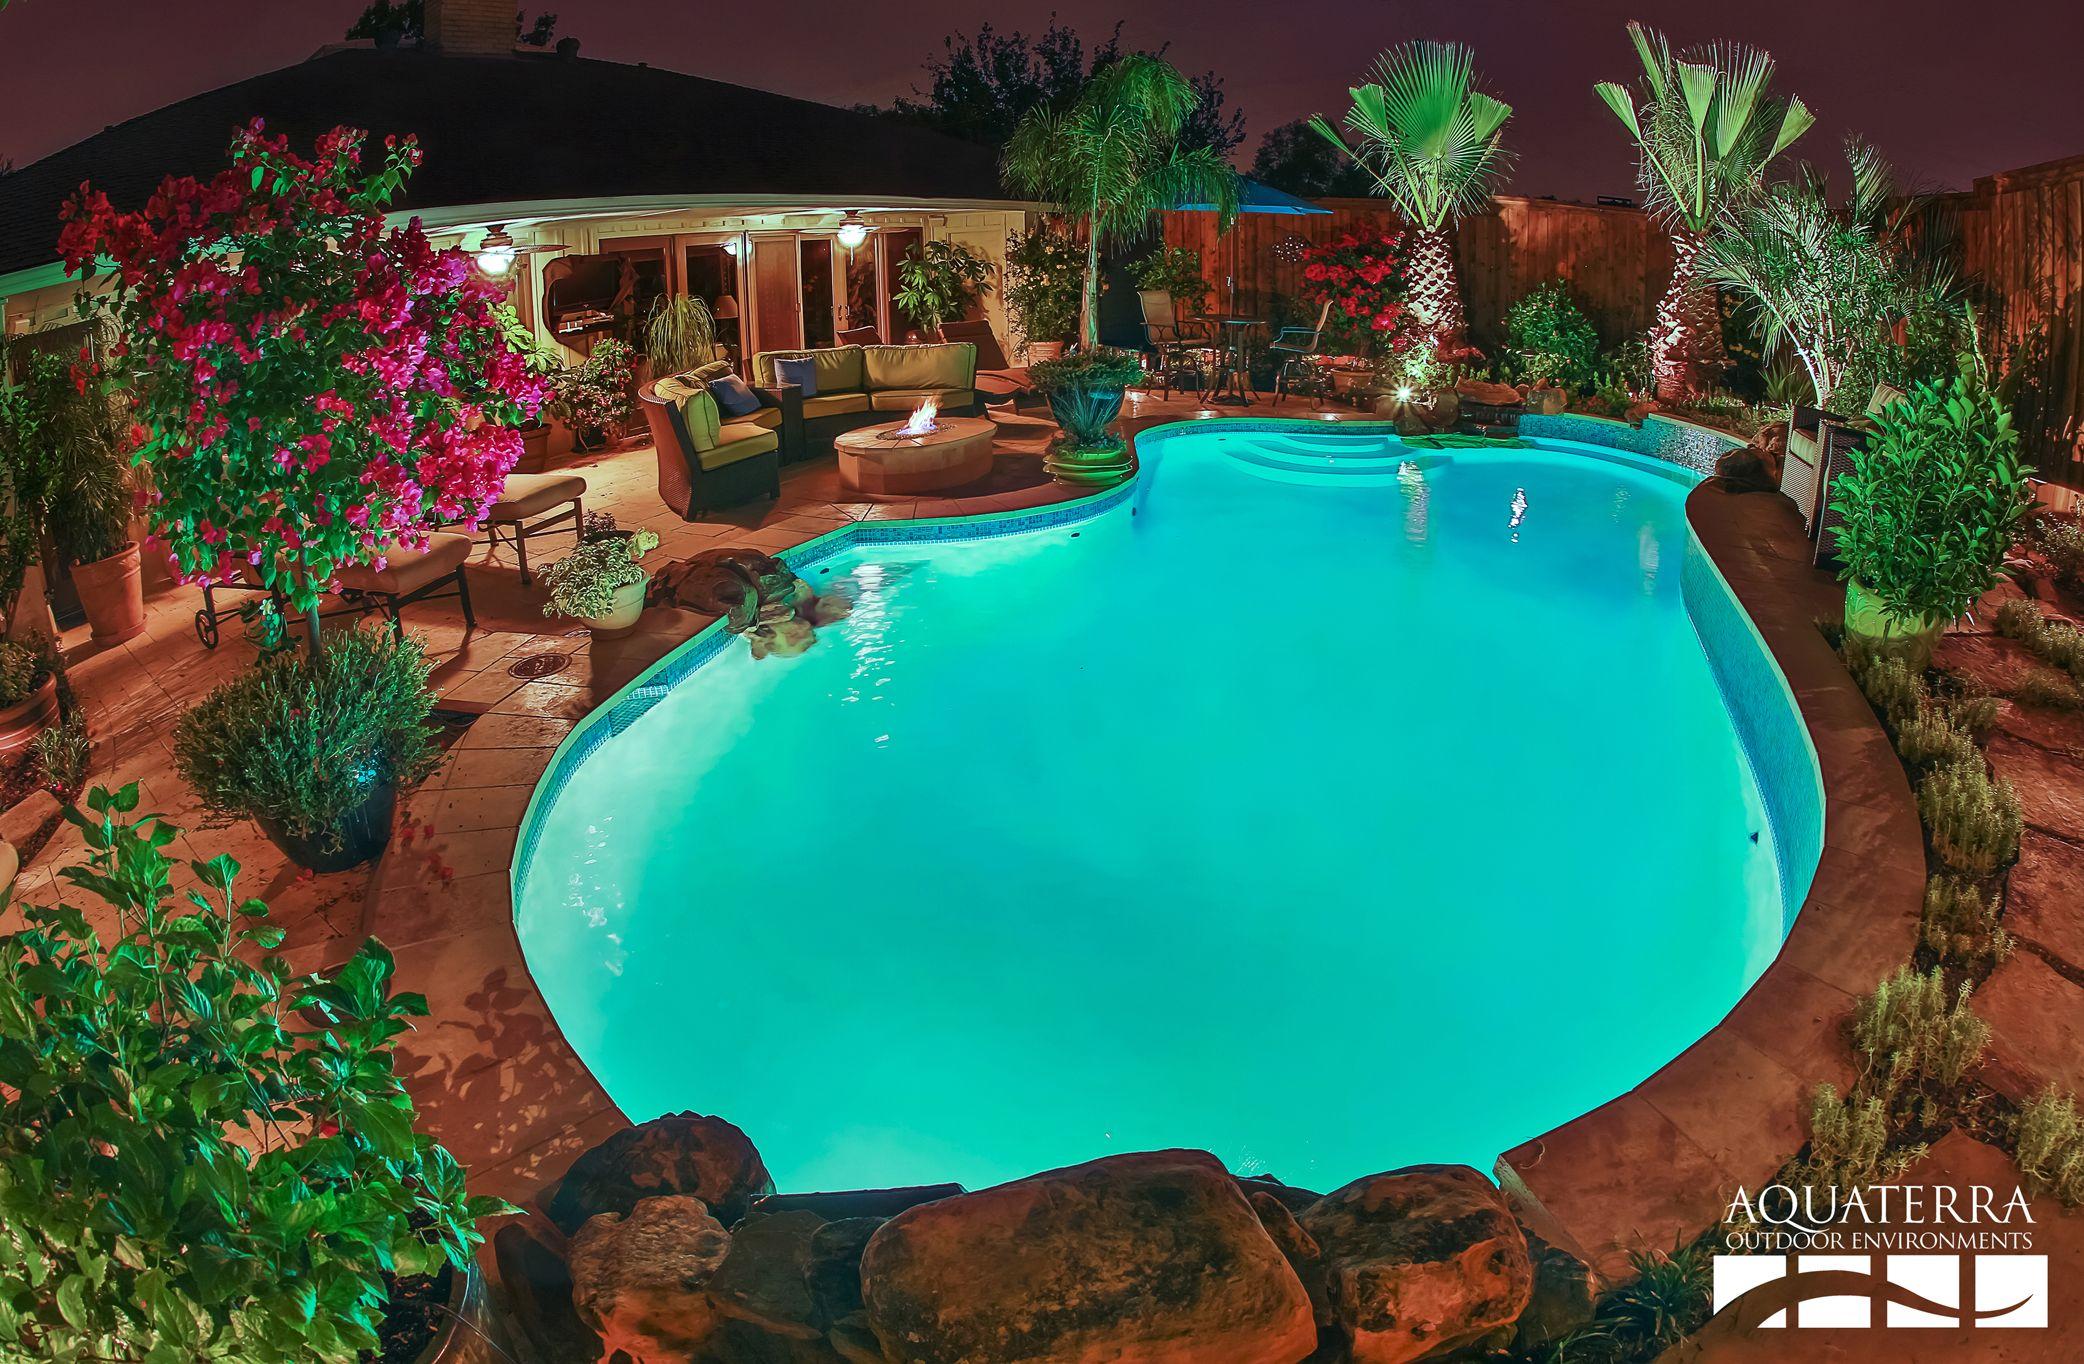 Pool Design And Construction By AquaTerra Outdoor Environments  Www.aquaterraoutdoors.com